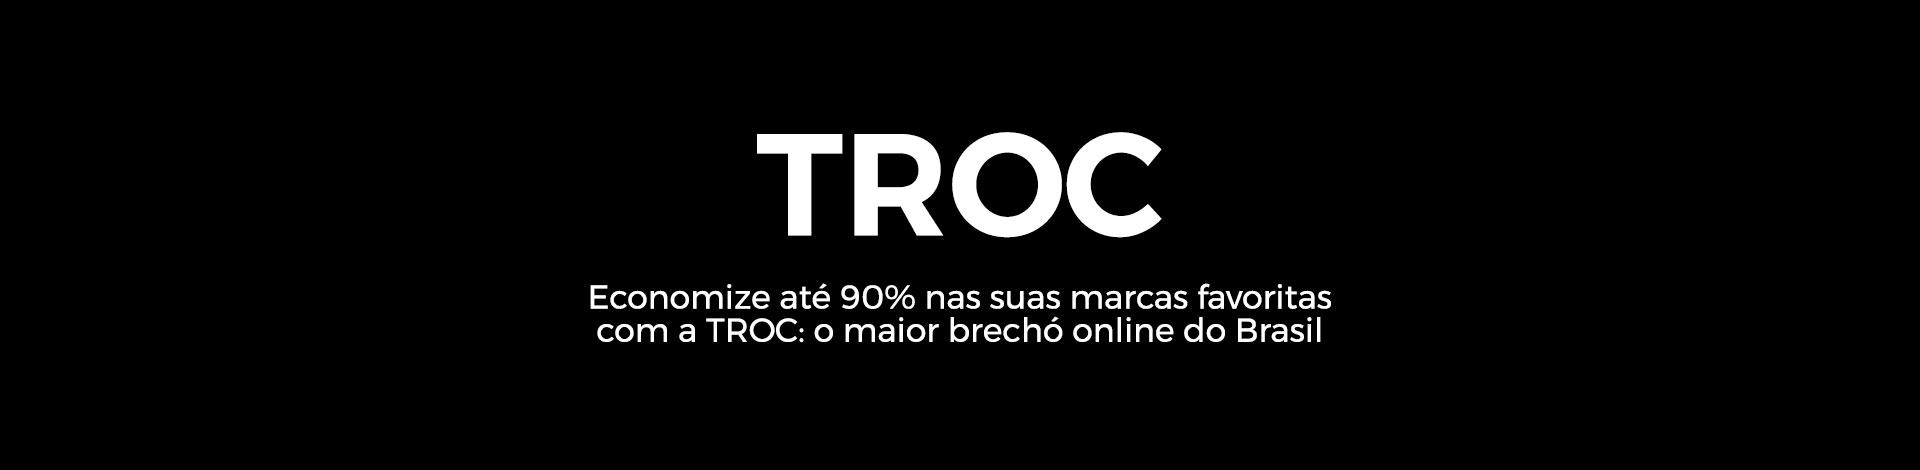 Economize até 90% nas suas marcas favoritas com a TROC.